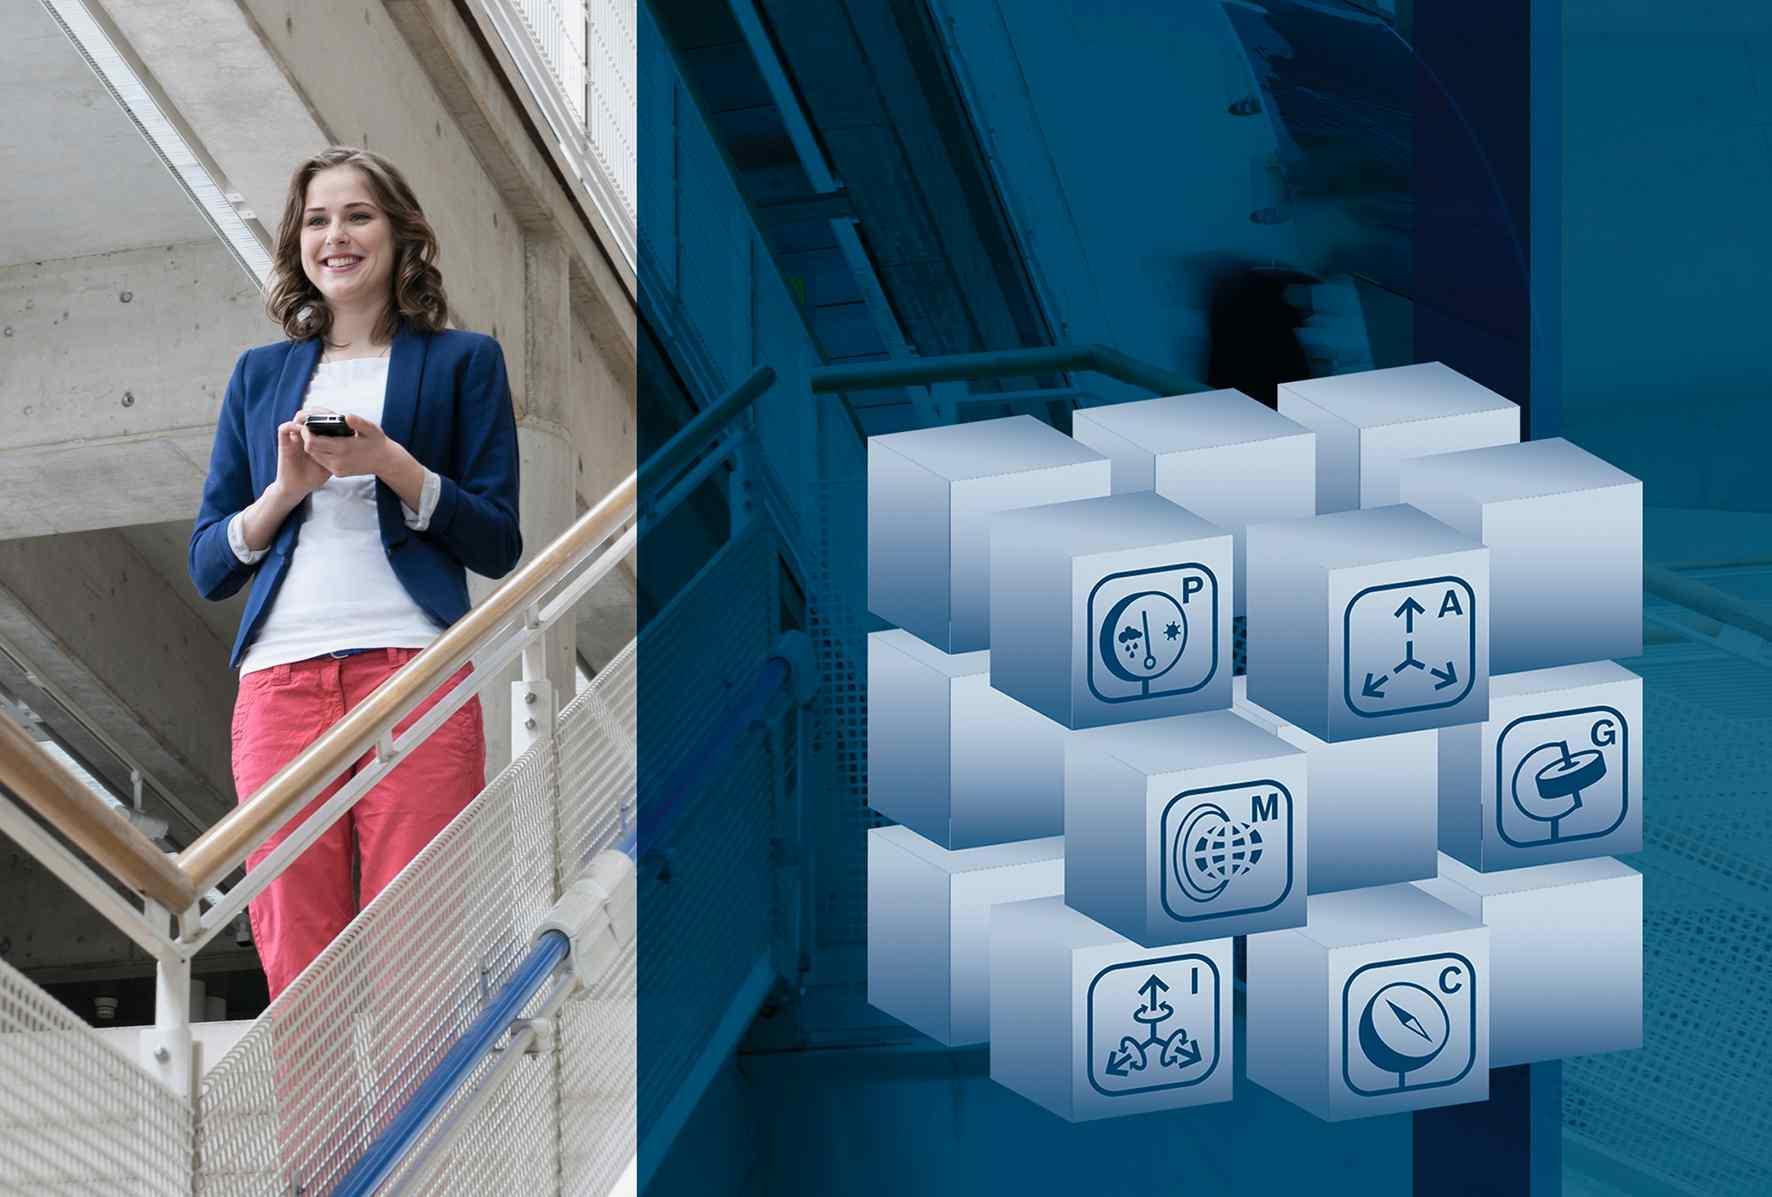 Világszerte minden második új okostelefonban a Bosch akár 20 érzékelője dolgozik már ma is, ezek például a gyorsulást, a hőmérsékletet vagy a légnyomást mérik. Képünk 2013-ban készült.